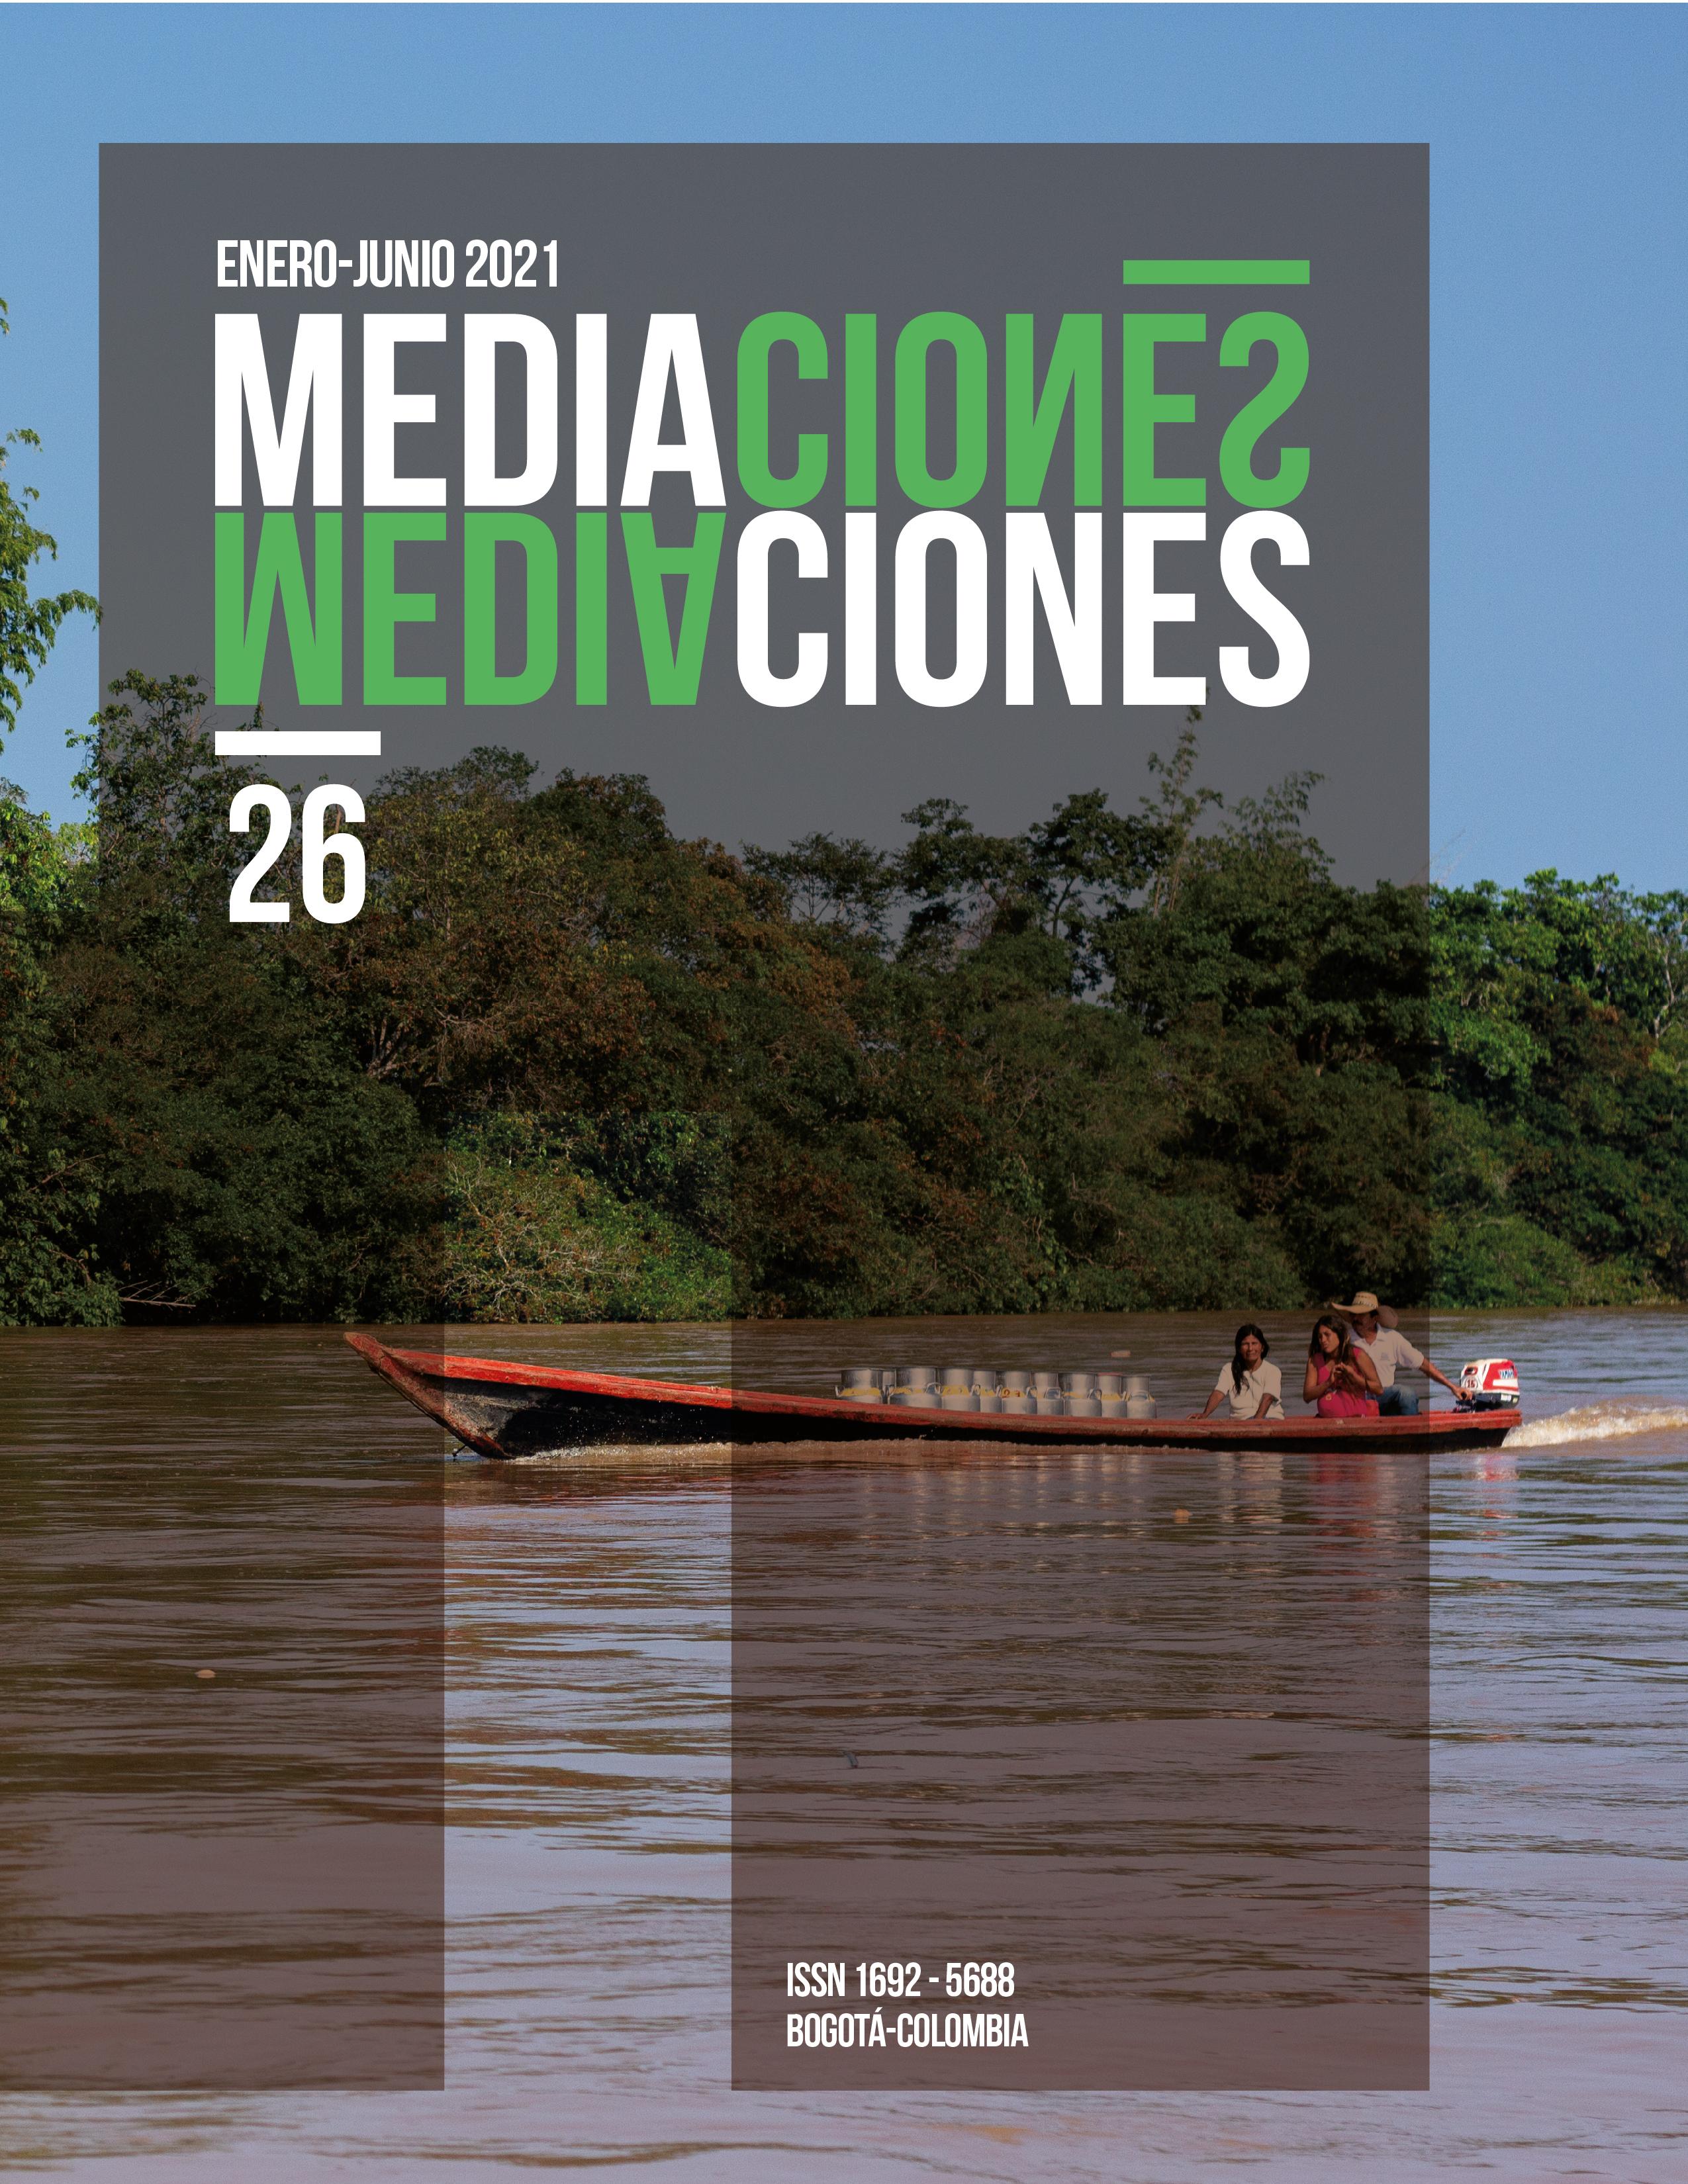 https://revistas.uniminuto.edu/public/journals/5/cover_issue_221_es_ES.jpg